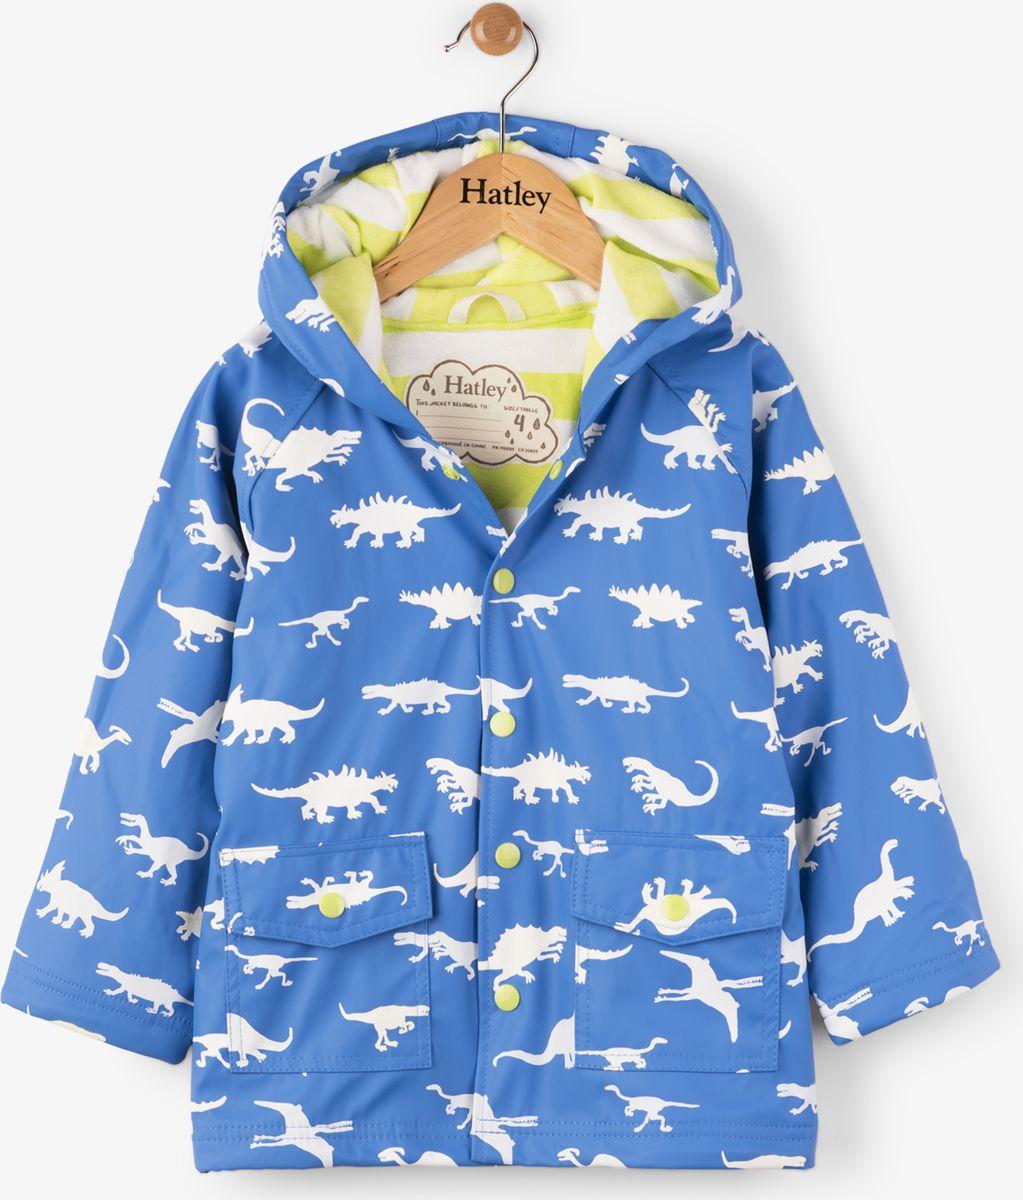 Дождевик для мальчика Hatley, цвет: голубой. RC6DINO536. Размер 97, 3 годаRC6DINO536Непромокаемый плащ для мальчика Hatley изготовлен из 100% полиуретана - высокотехнологичного материала, безвредного для здоровья ребенка. Изделие оснащено контрастной полиэстеровой подкладкой типа махра, что позволяет ребенку чувствовать себя комфортно длительное время. Капюшон не отстегивается, карманы на кнопках. Изюминкой бренда Hatley остаются яркие, забавные принты, которые не оставят равнодушным ни одного ребенка.